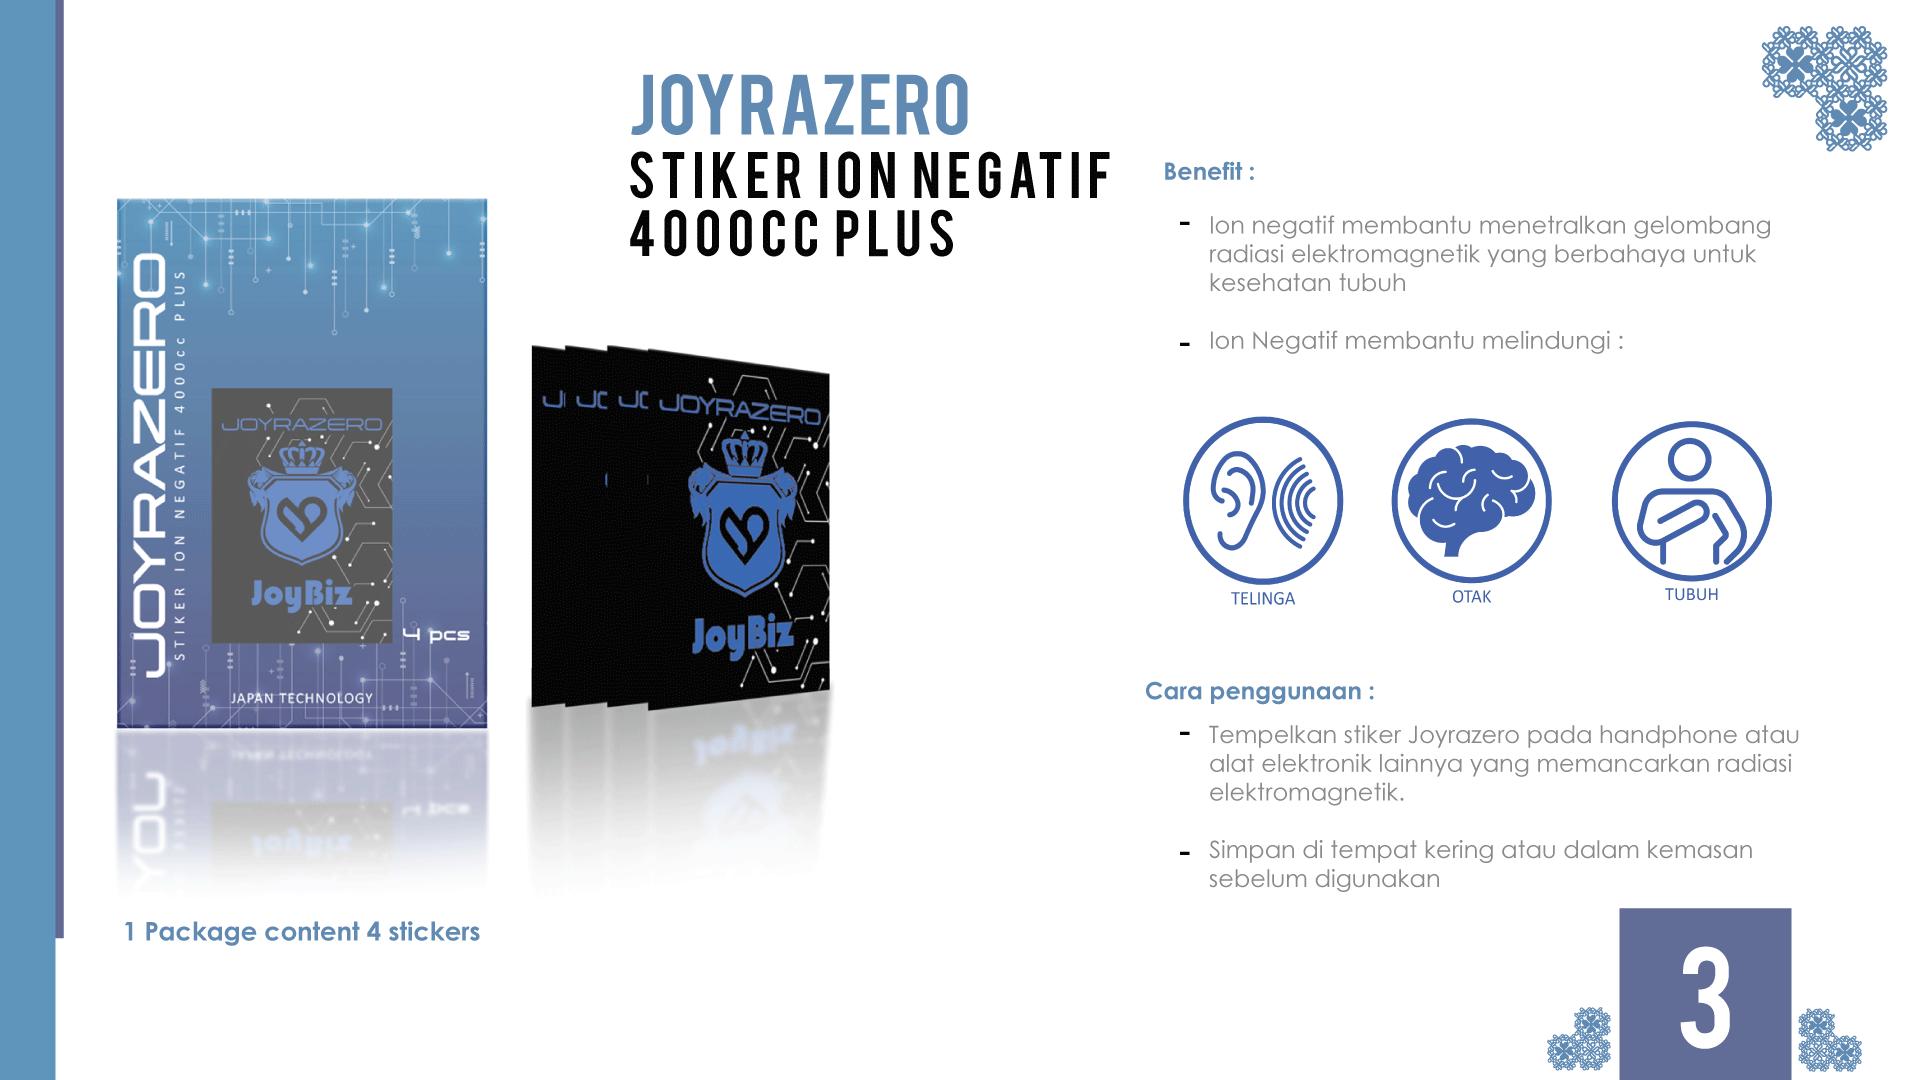 Katalog4